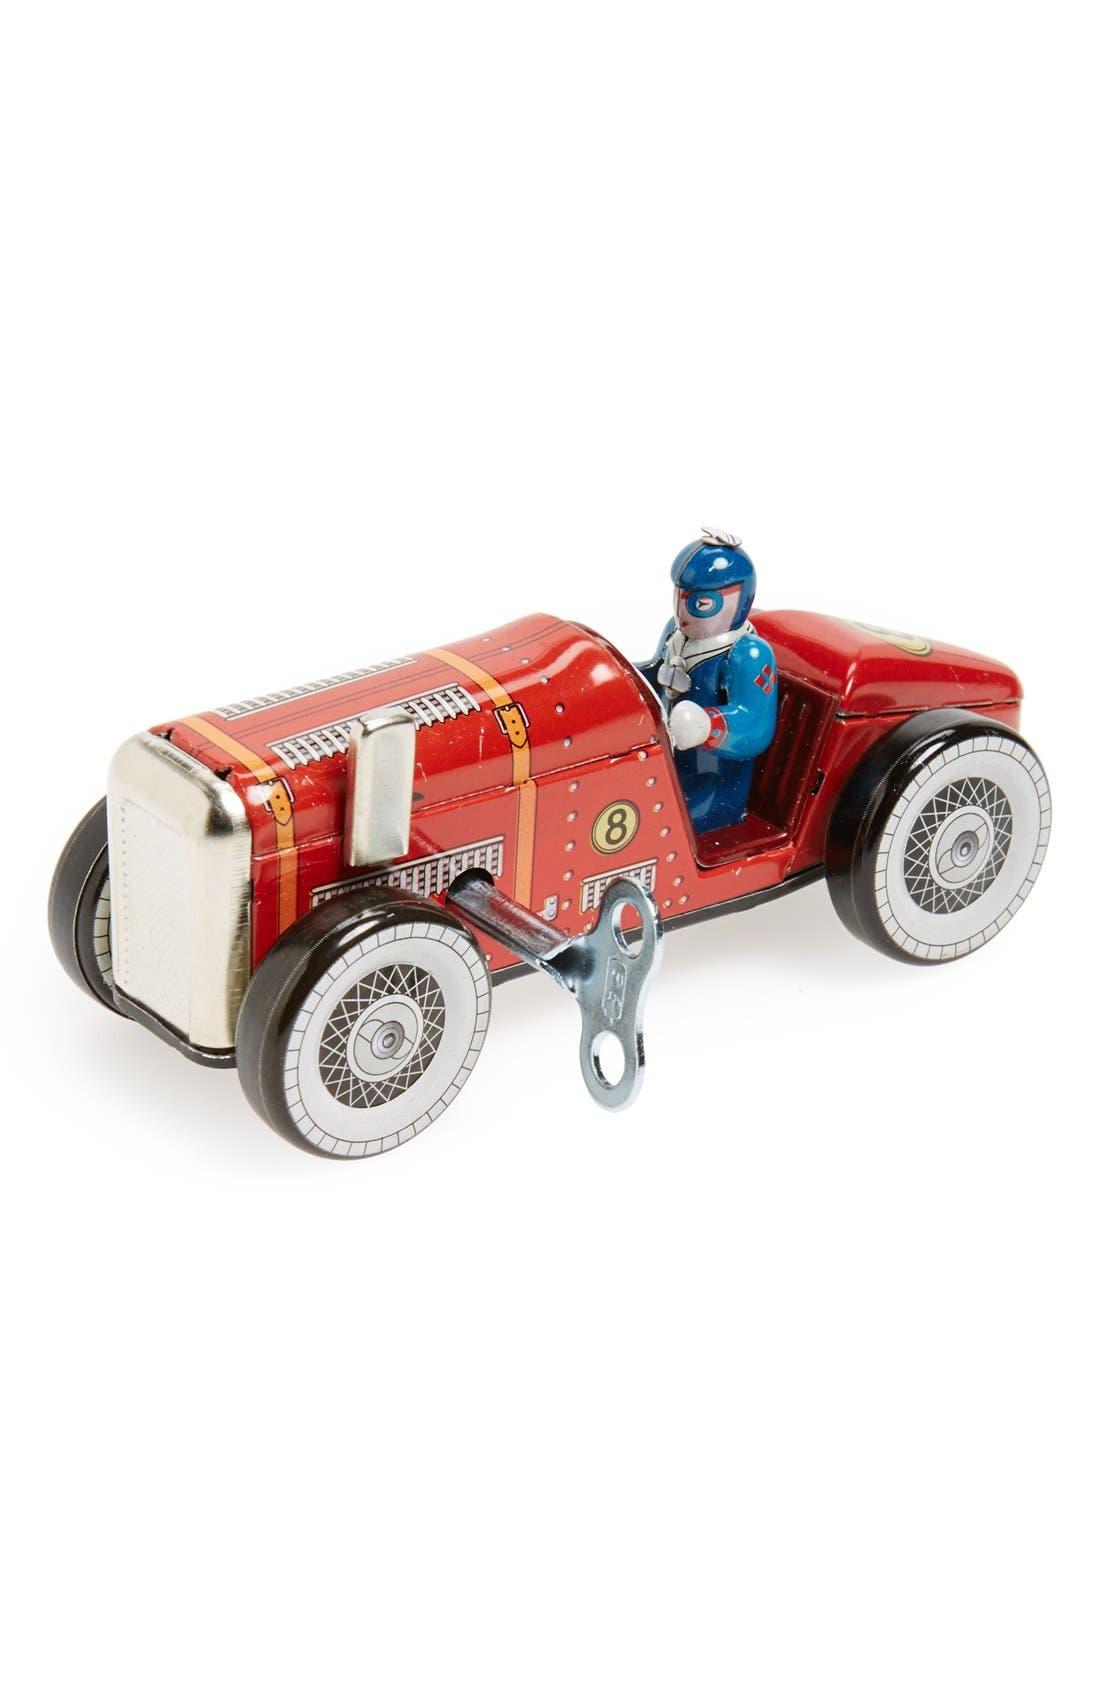 Alternate Image 1 Selected - Sunnylife 'Dr. Django's Speedway Racer' Collectible Tin Car